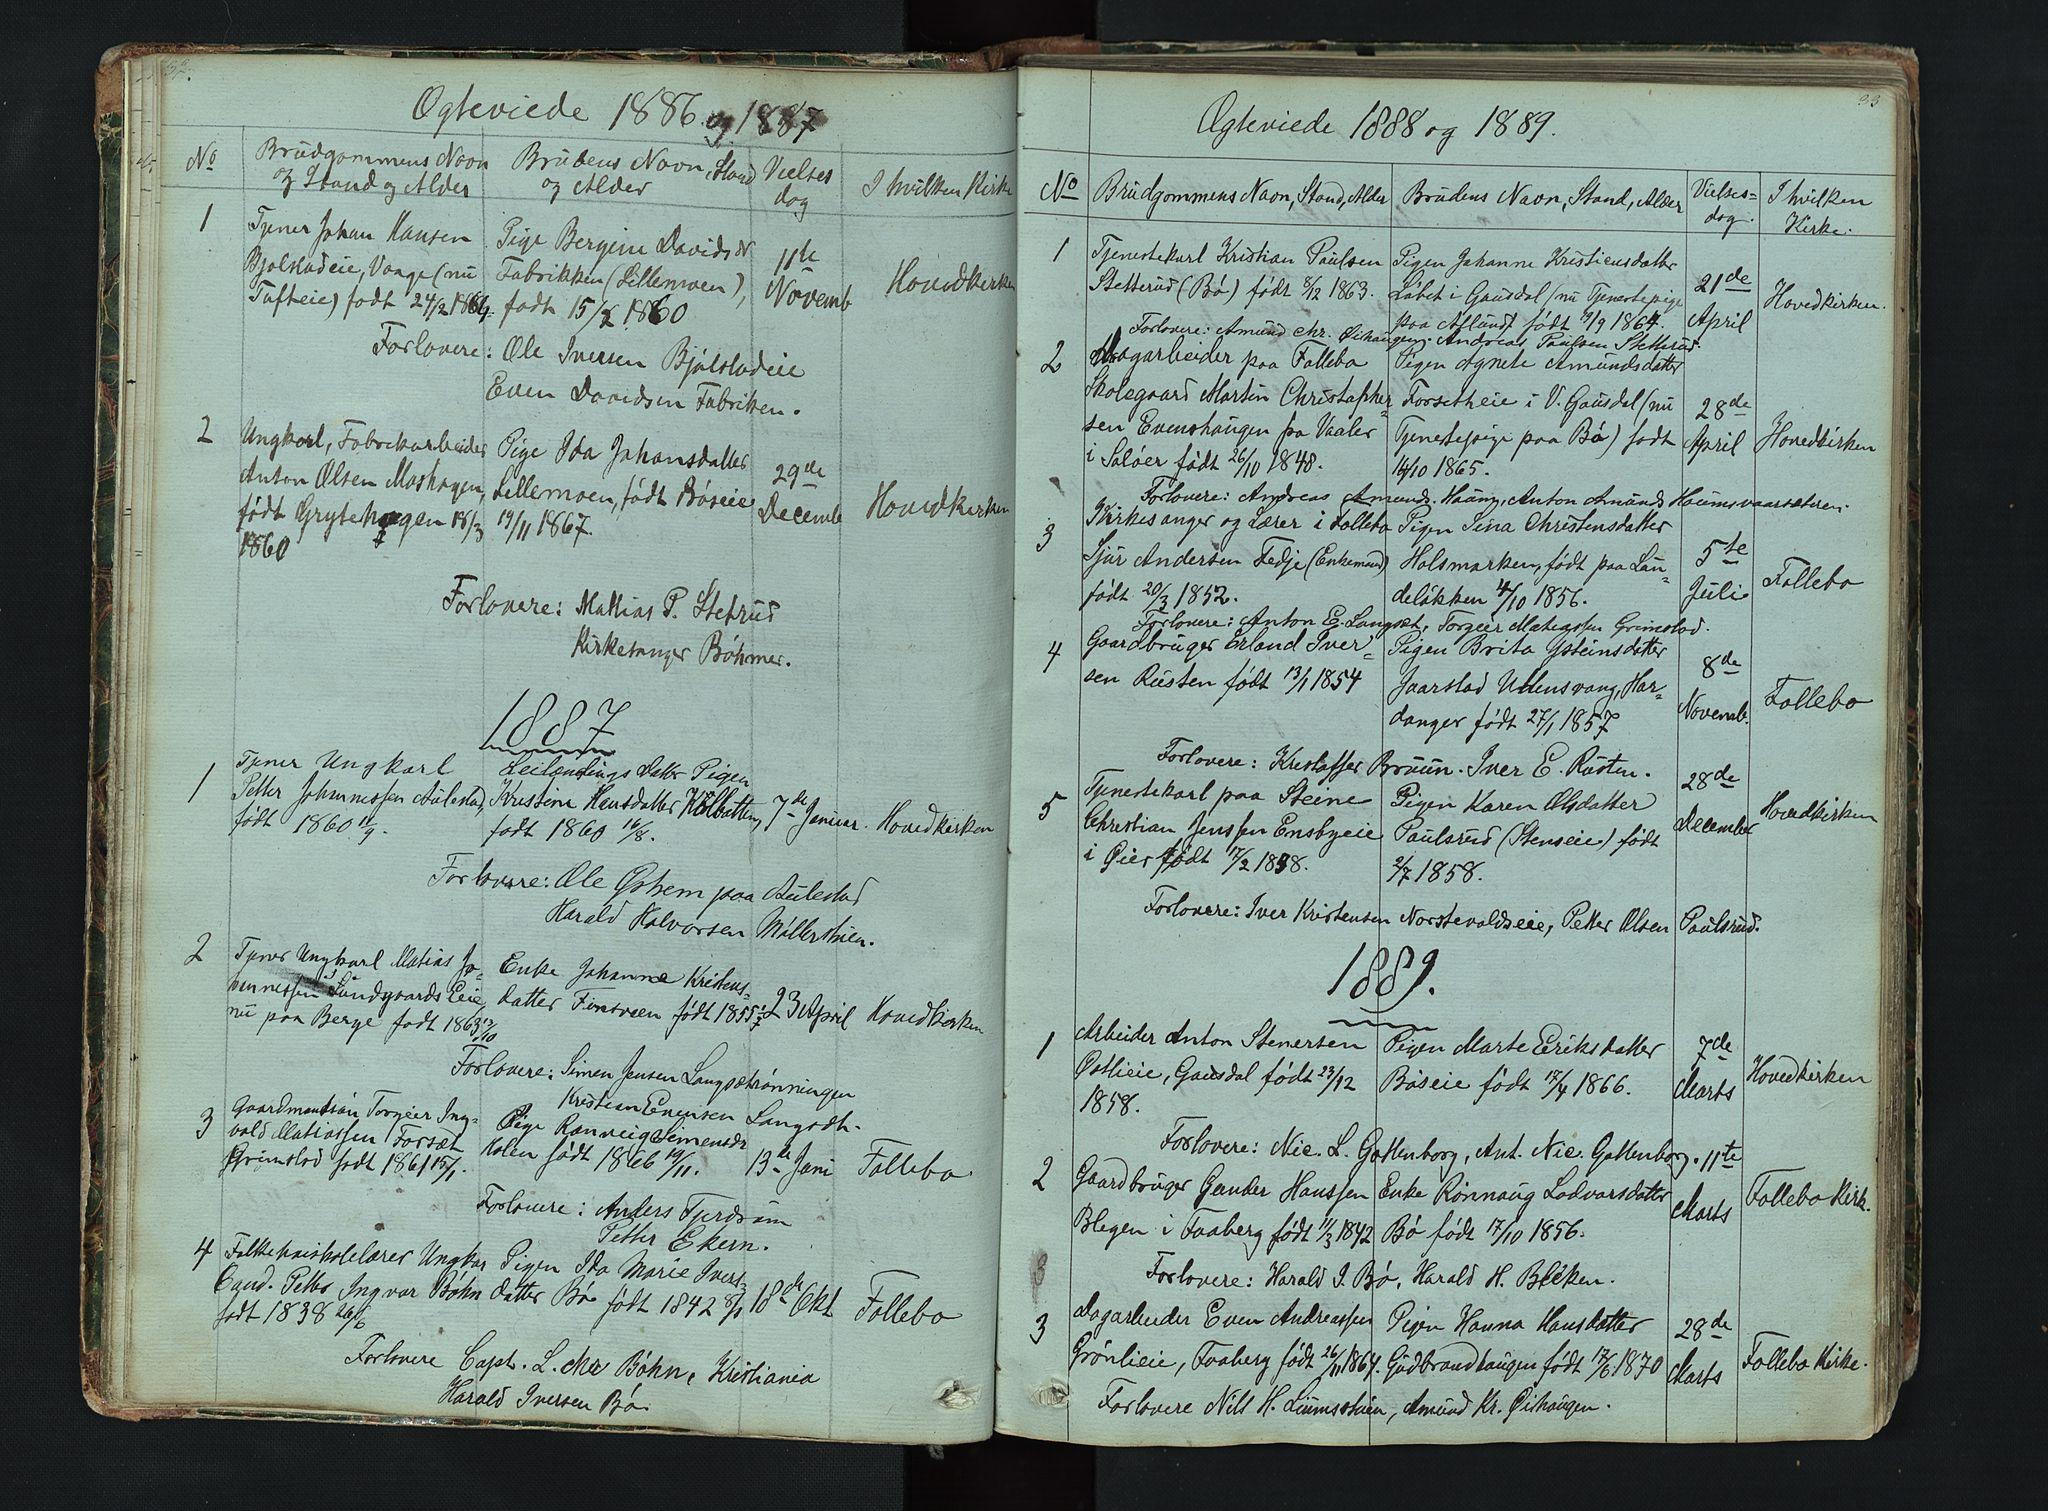 SAH, Gausdal prestekontor, Klokkerbok nr. 6, 1846-1893, s. 32-33